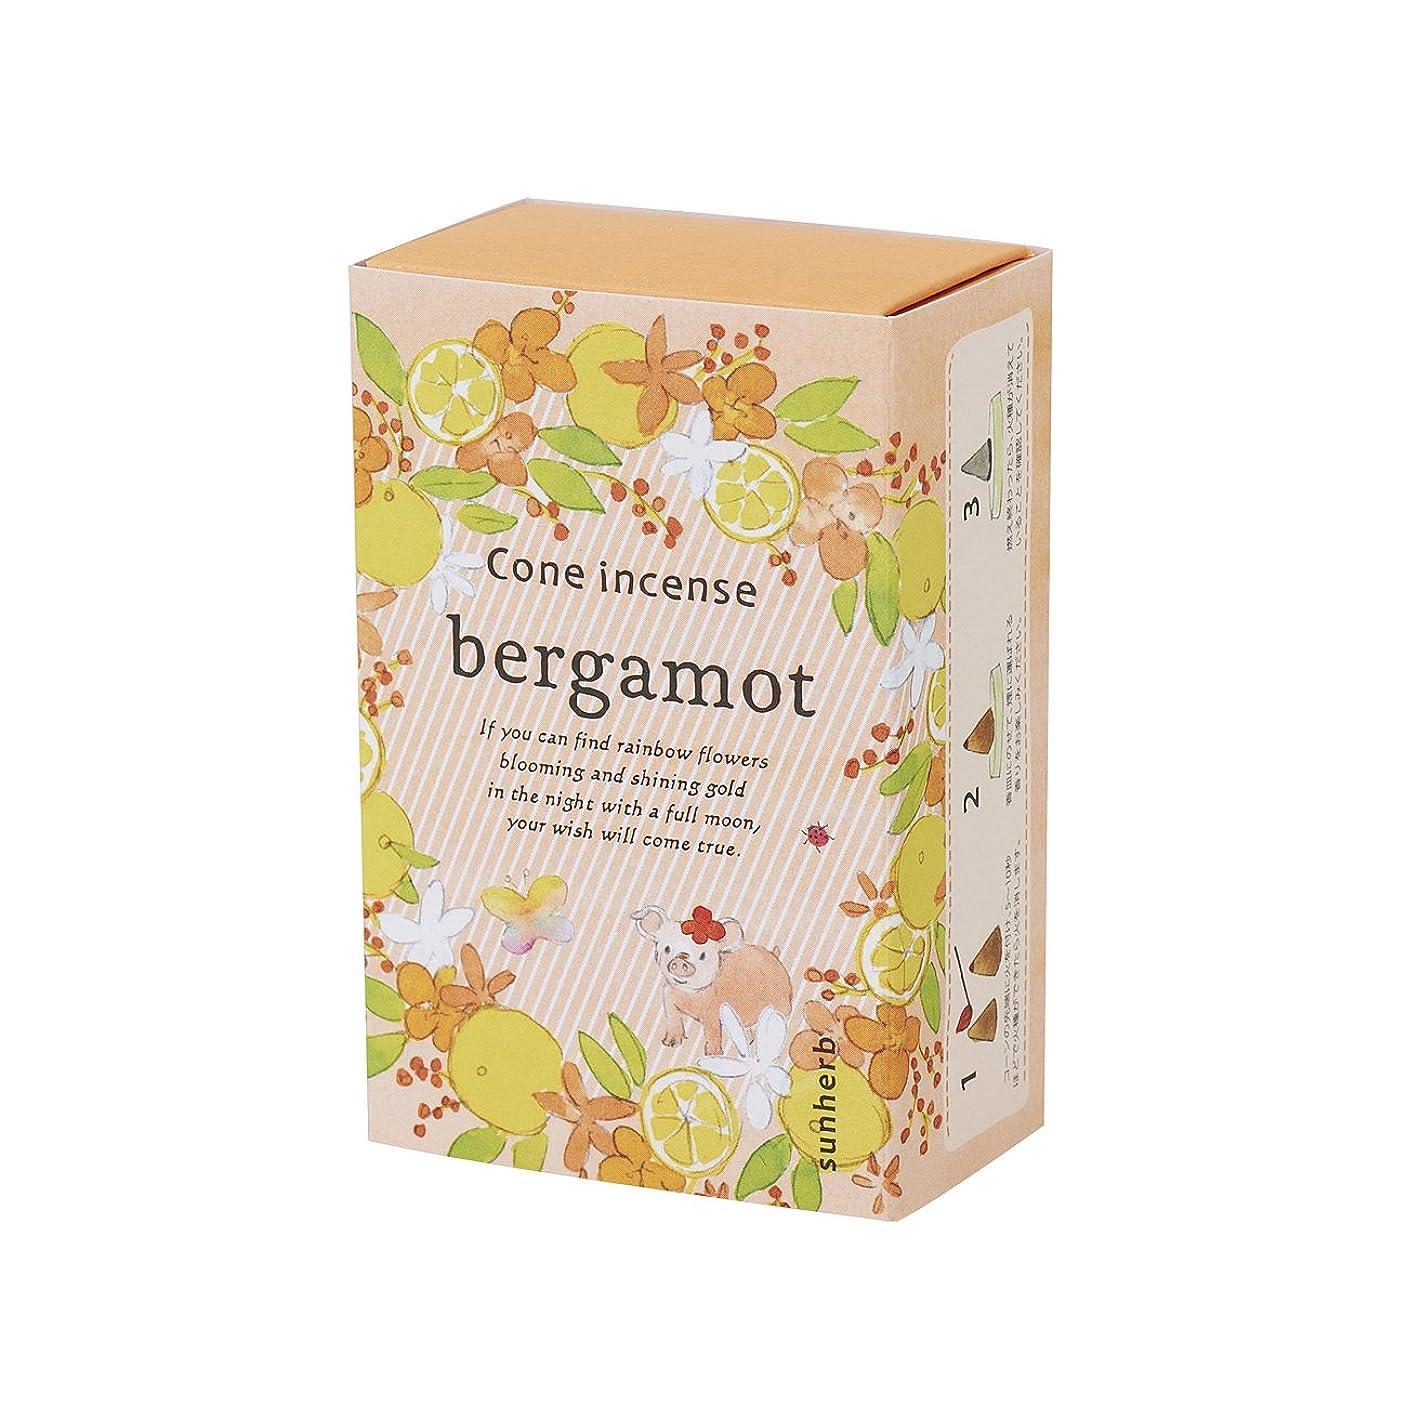 わかるつまらない飾るサンハーブ お香 コーンタイプ ベルガモット 16粒(インセンス 燃焼時間約20分 懐かしい甘酸っぱい香り)